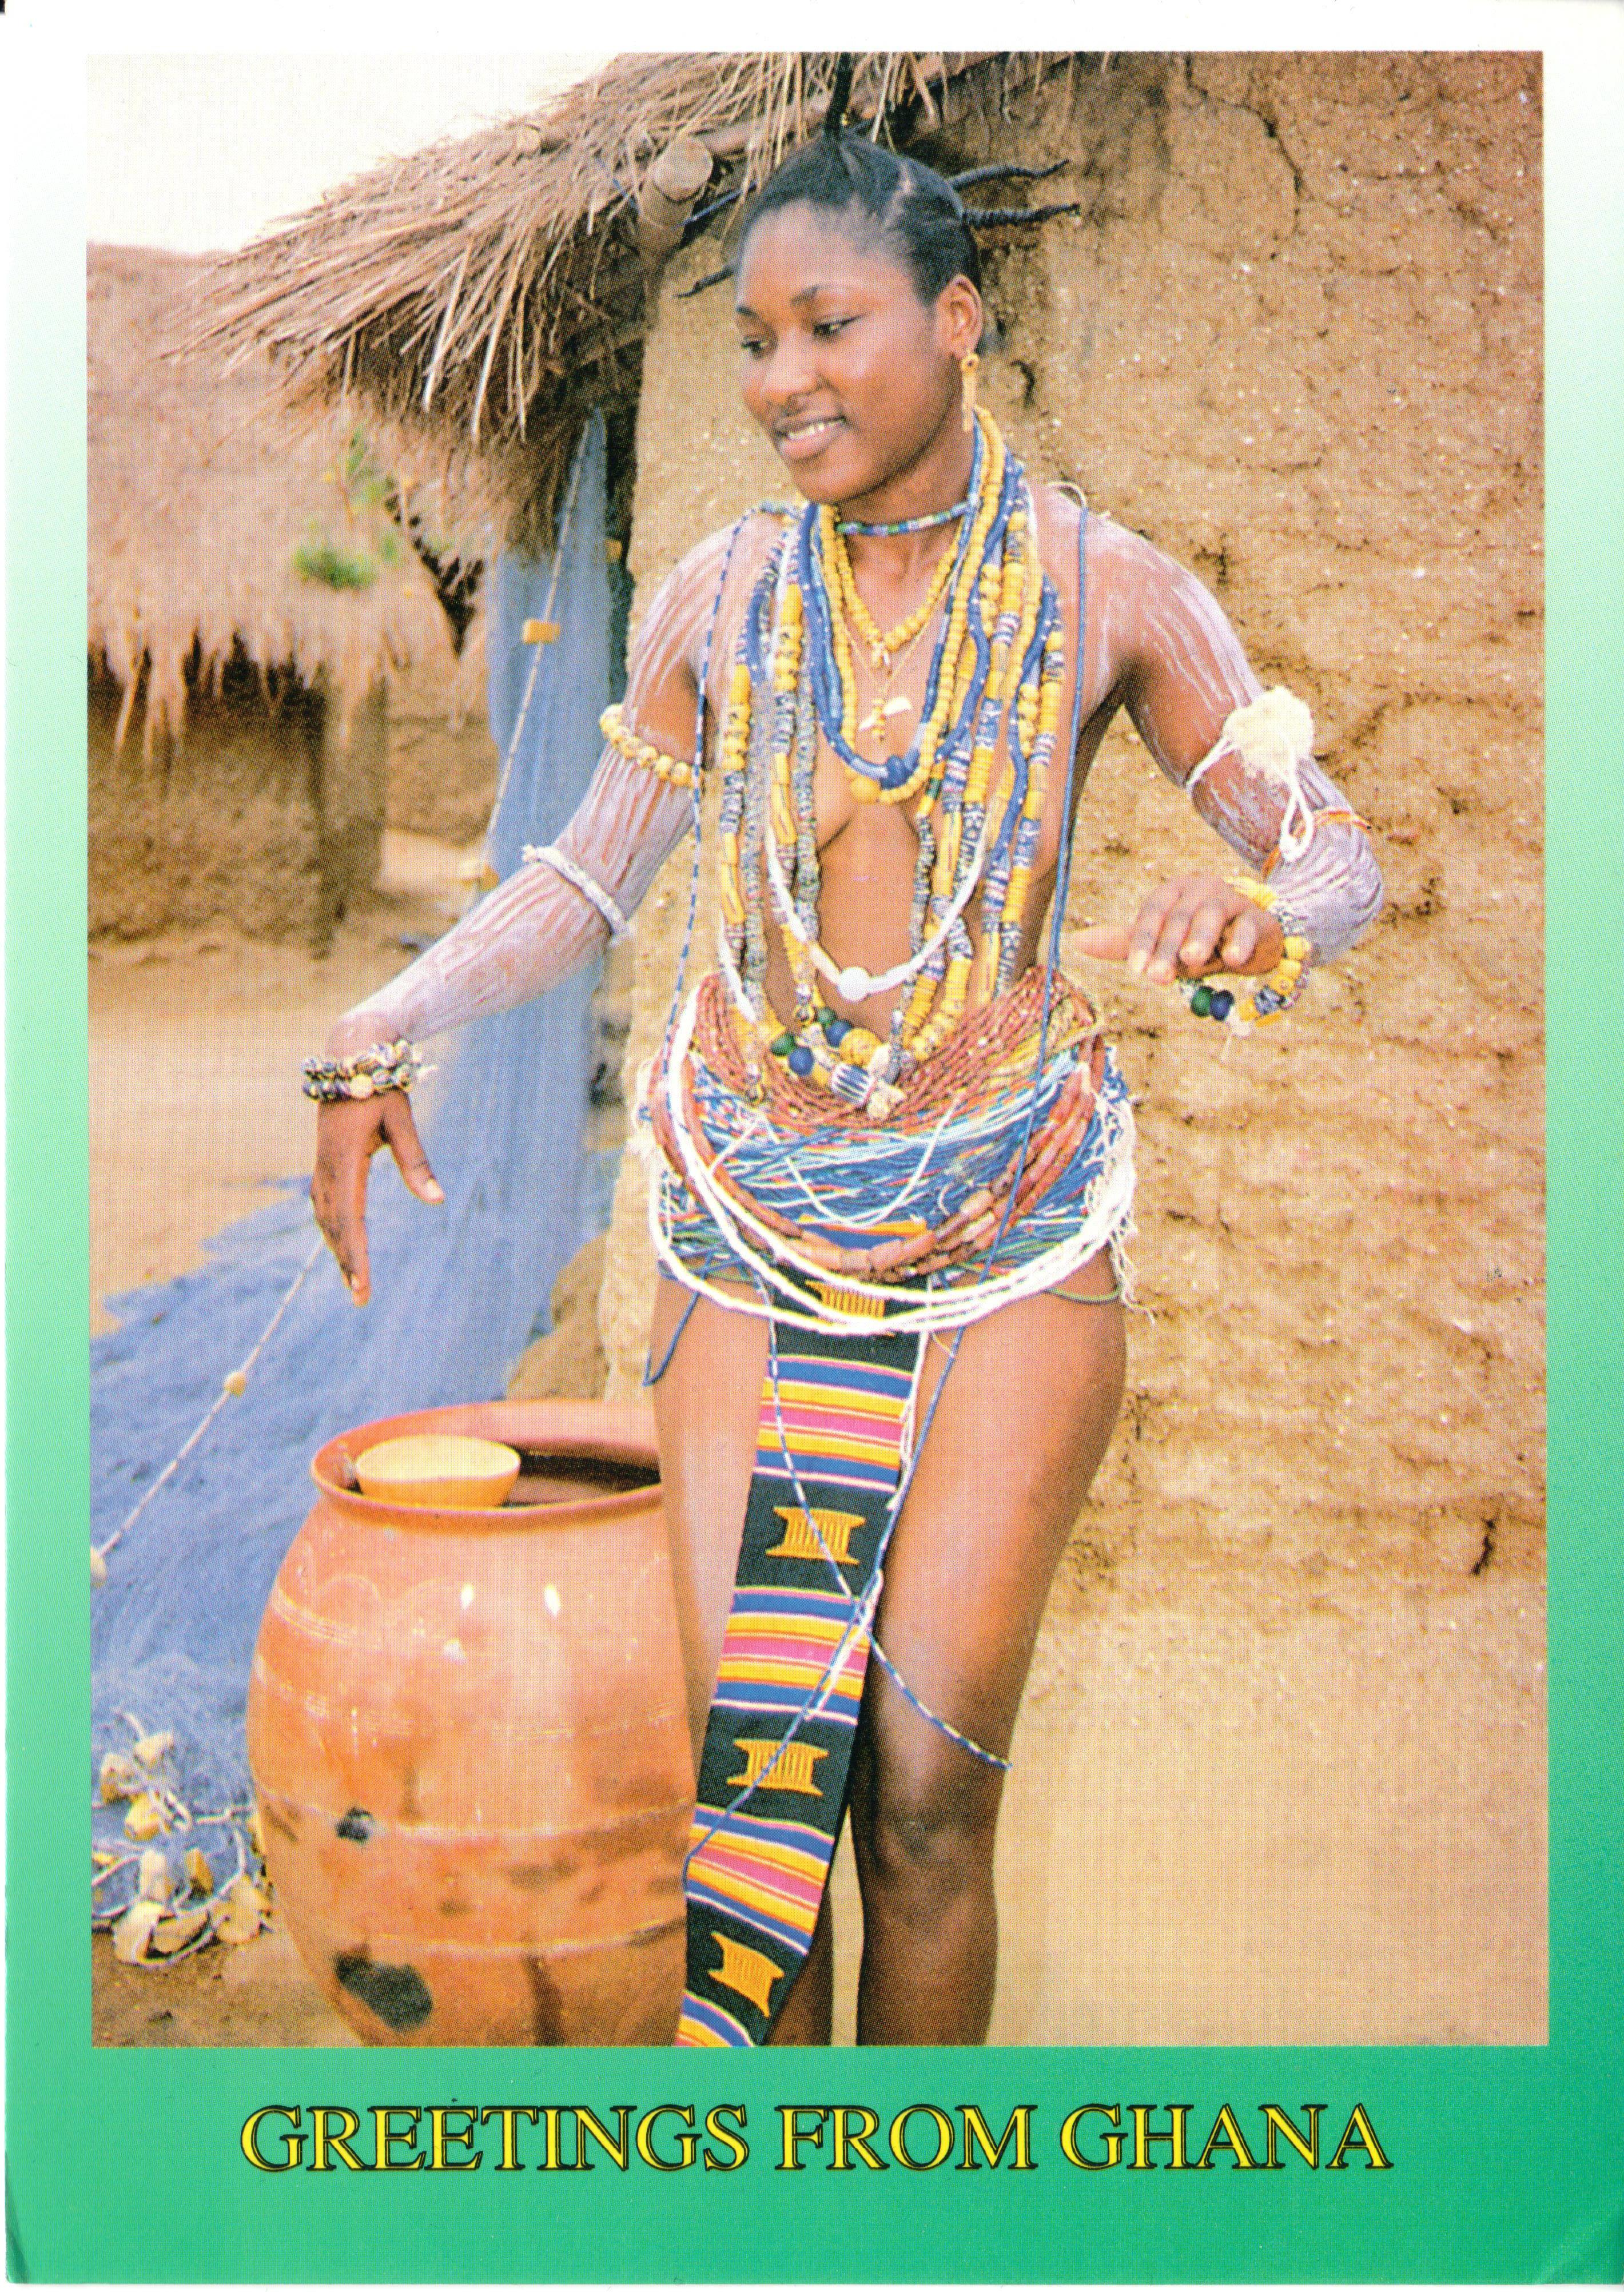 Ghana quest 252 ve stedu 28 bezna 2018 jsem do sv potovn schrnky dostal dal moc hezkou pohlednici od cestovatele tadee tentokrt zachycujc pevnost elmina v m4hsunfo